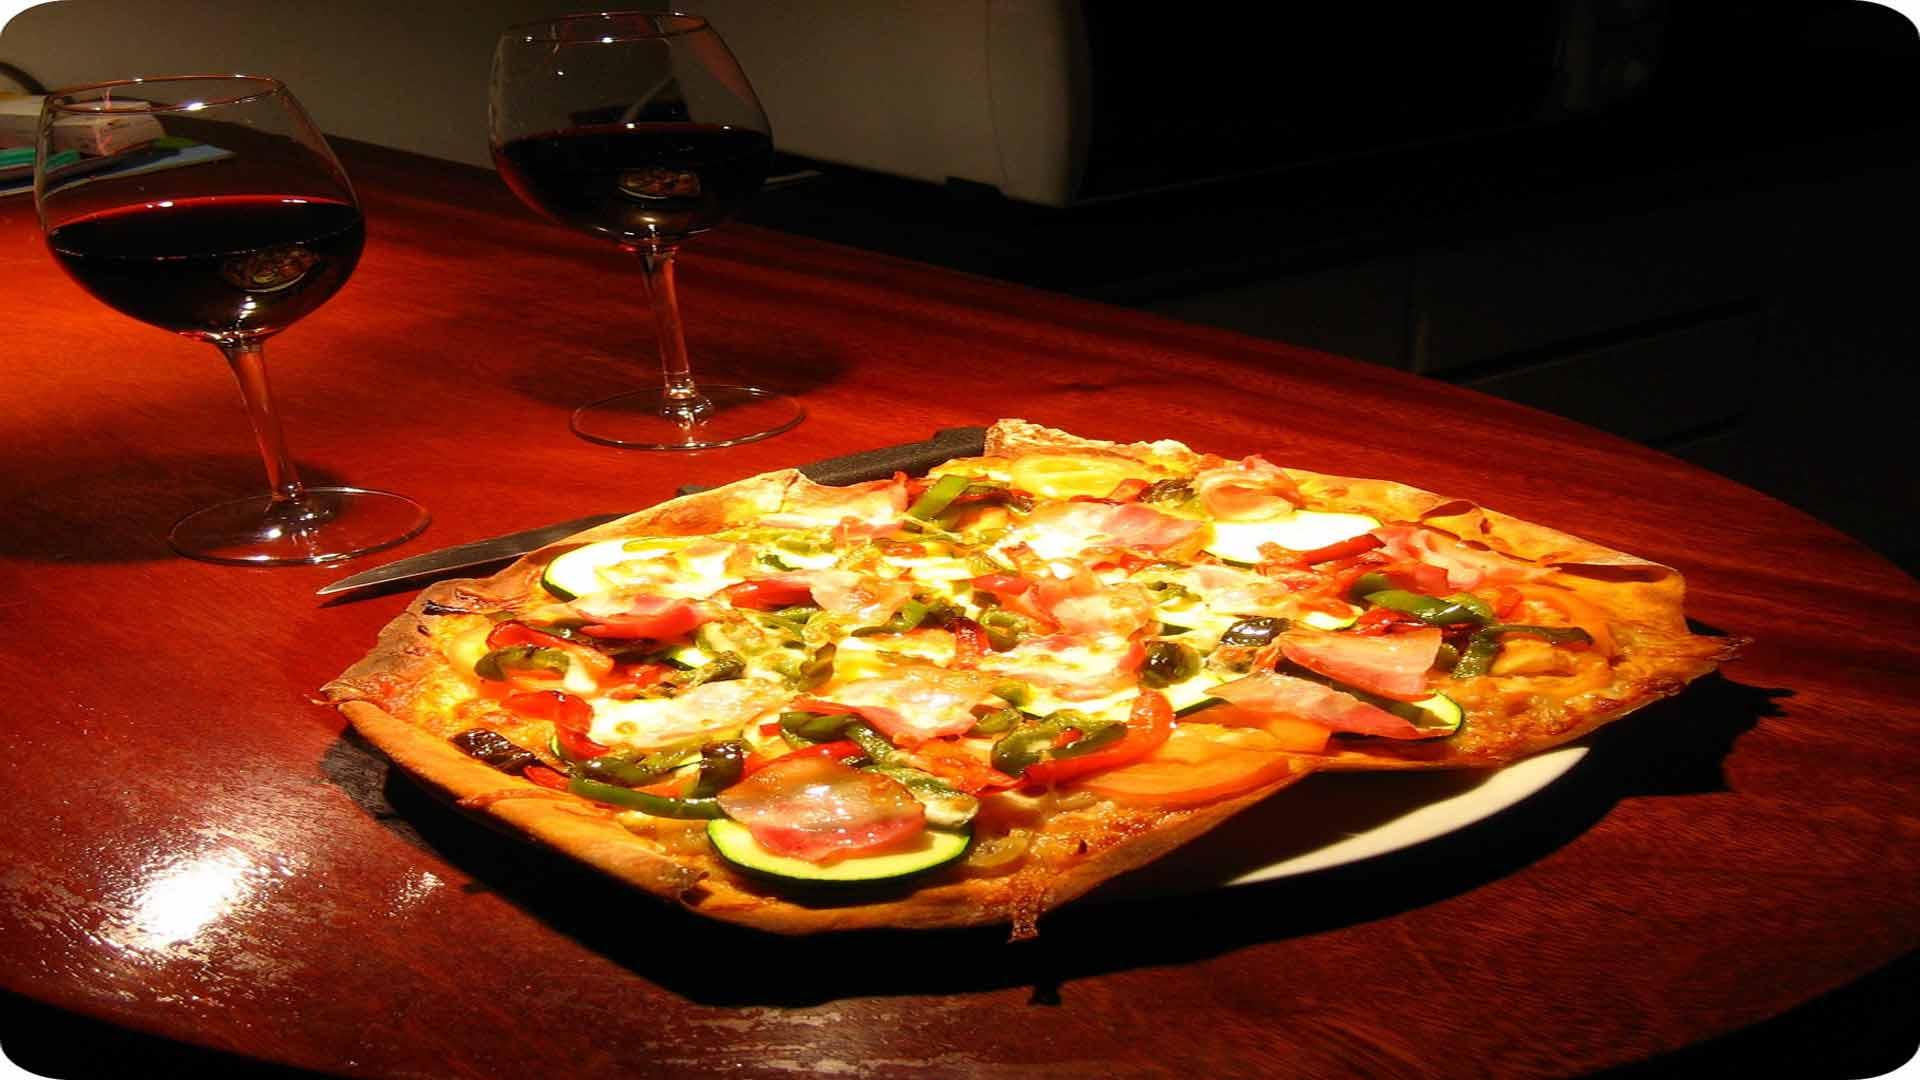 el-buen-maridaje-entre-el-vino-y-la-pizza-1920